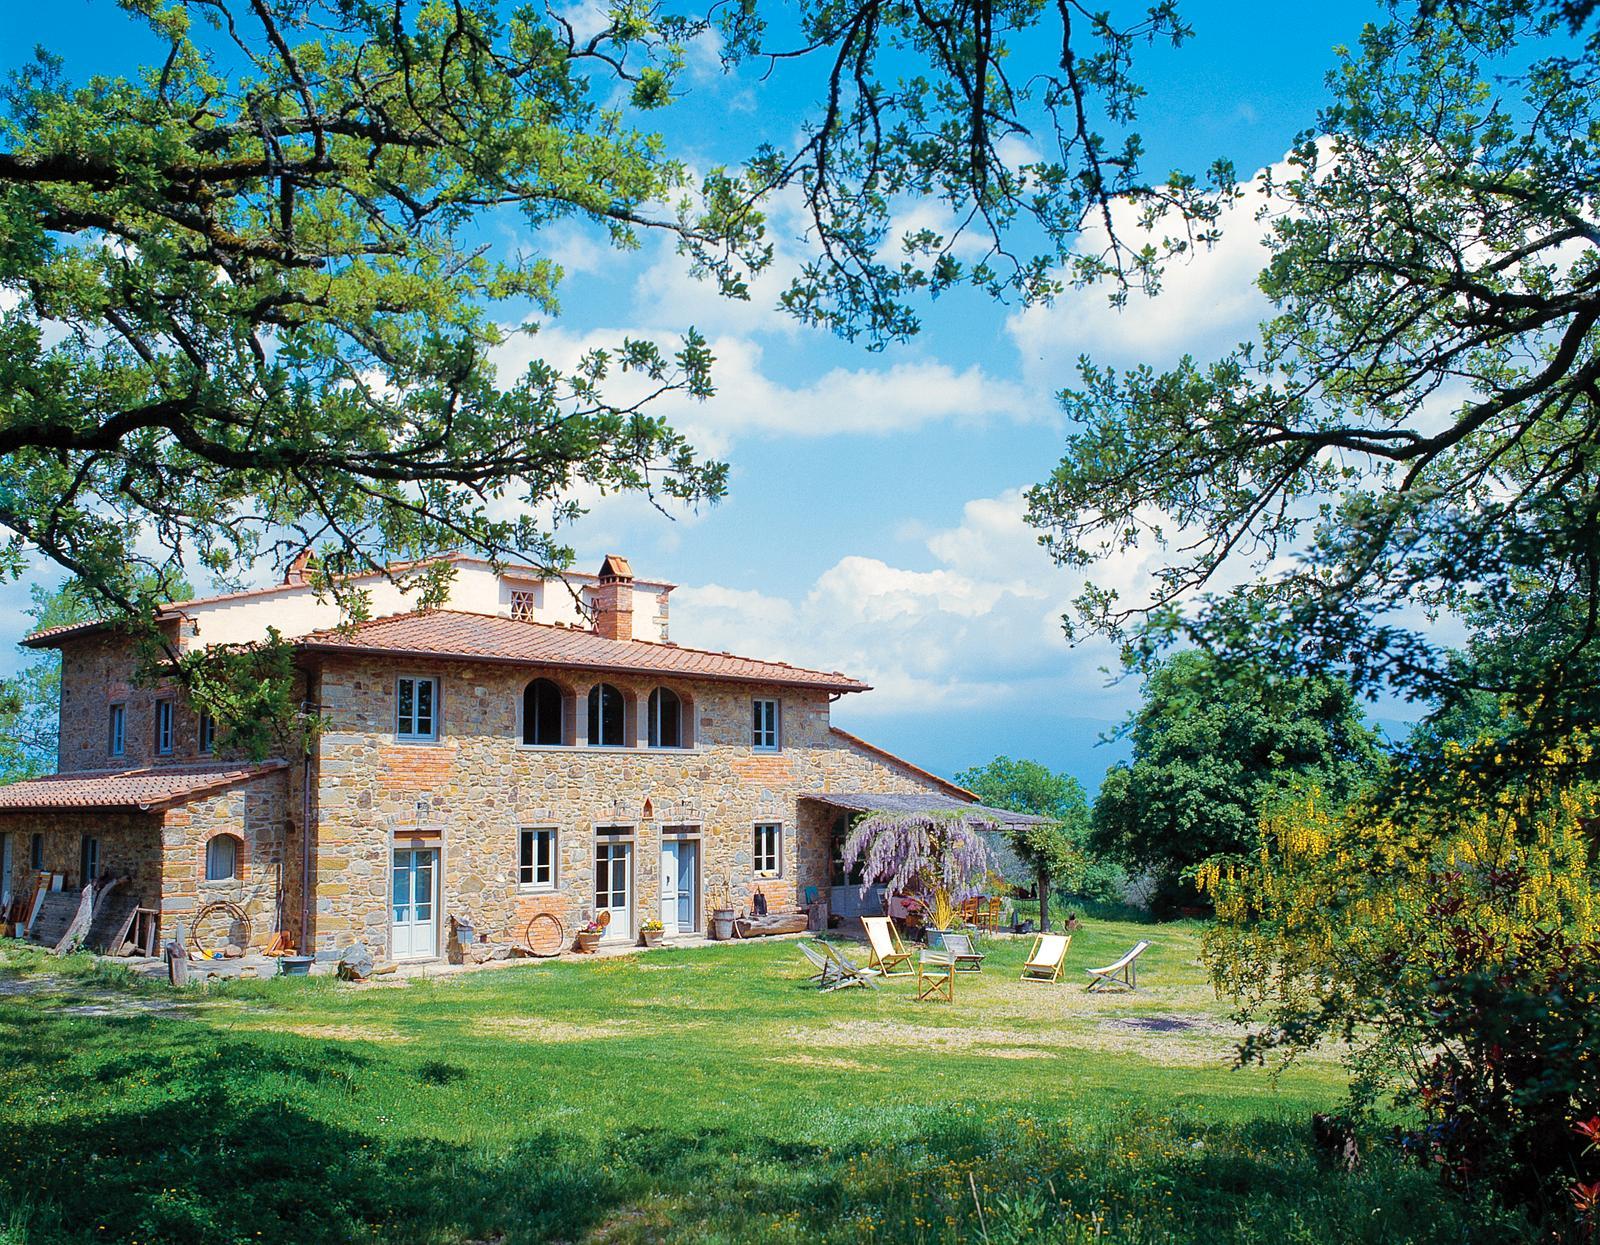 Det här huset i Toscana brukade vara en bondgård.